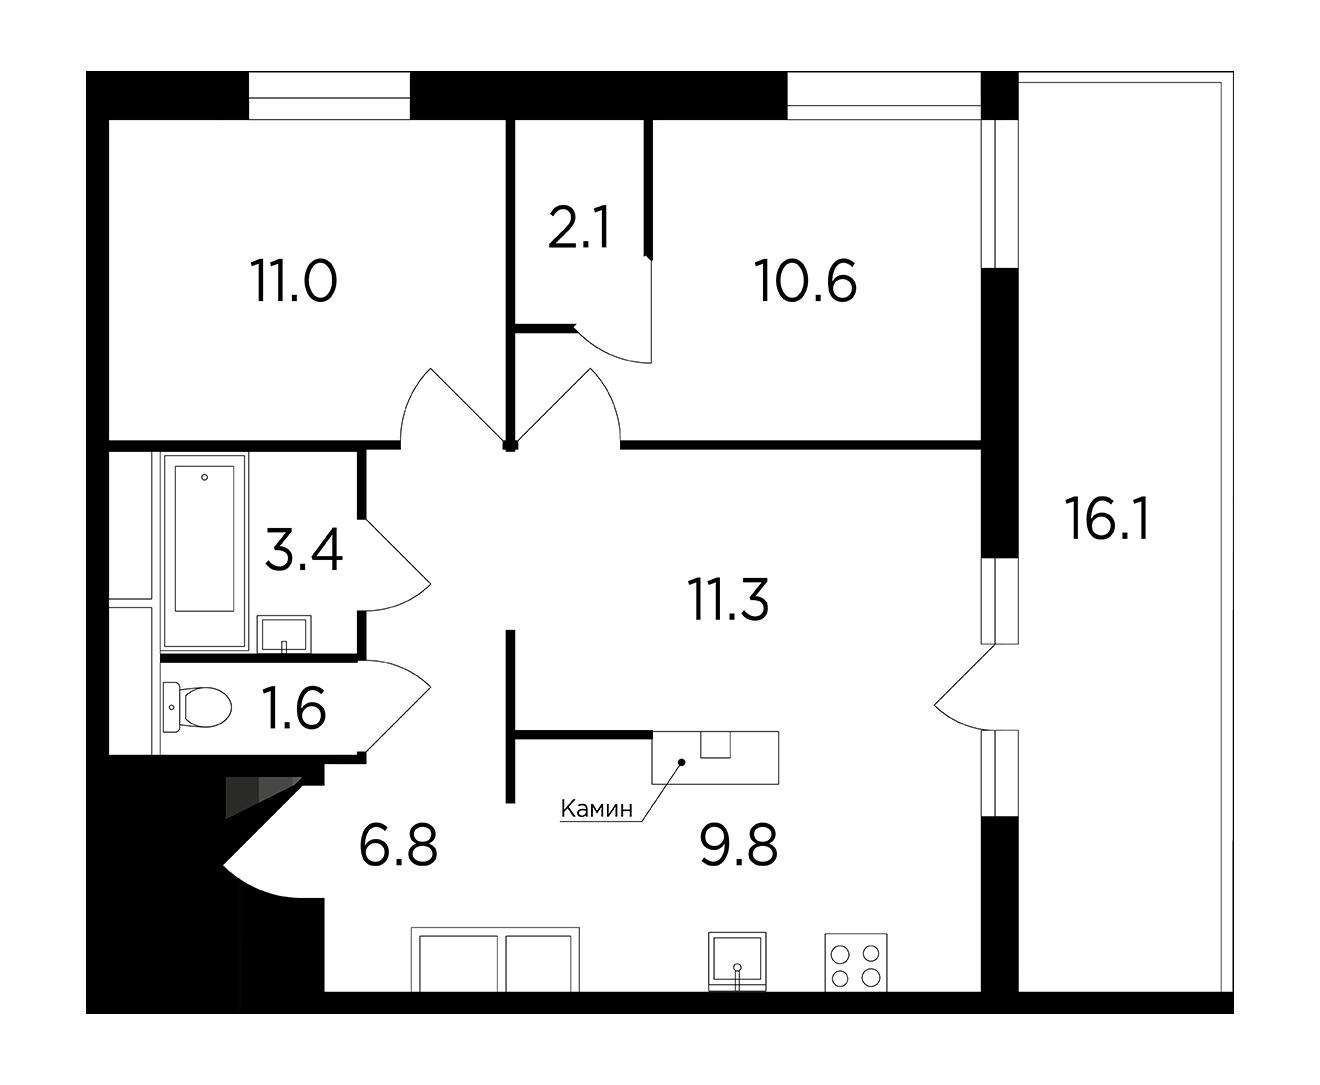 Продаётся 3-комнатная квартира в новостройке 64.7 кв.м. этаж 14/15 за 17 077 554 руб